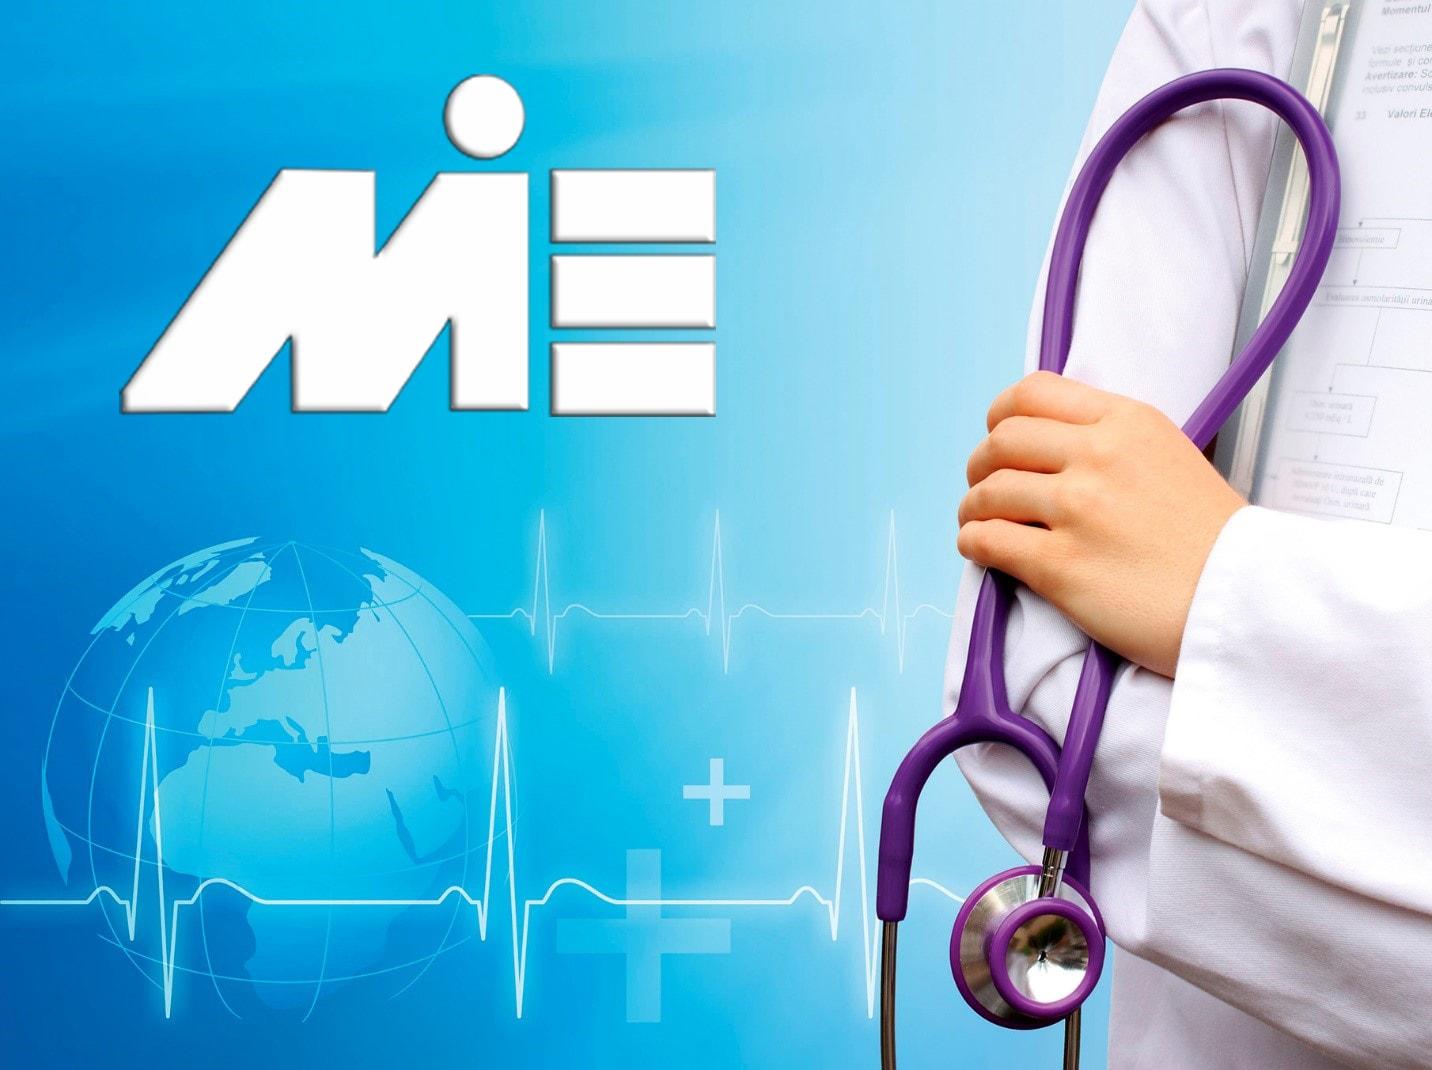 ویزای درمانی ـ ویزای پزشکی ـ دوا و درمان در خارج از کشور